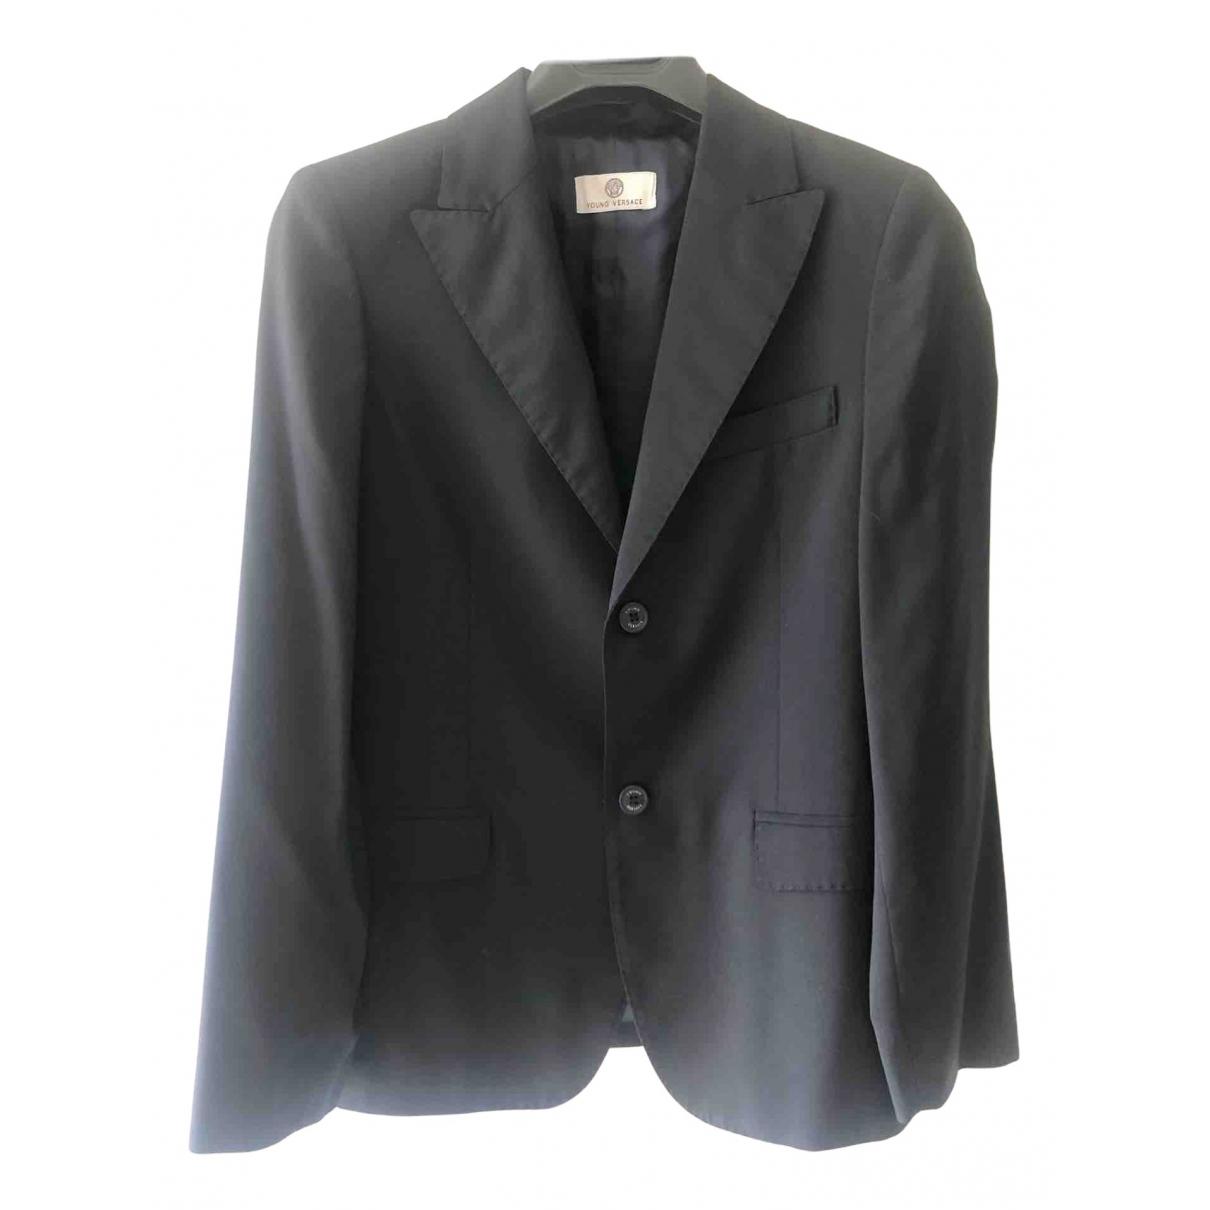 Versace \N Jacke, Maentel in  Grau Wolle